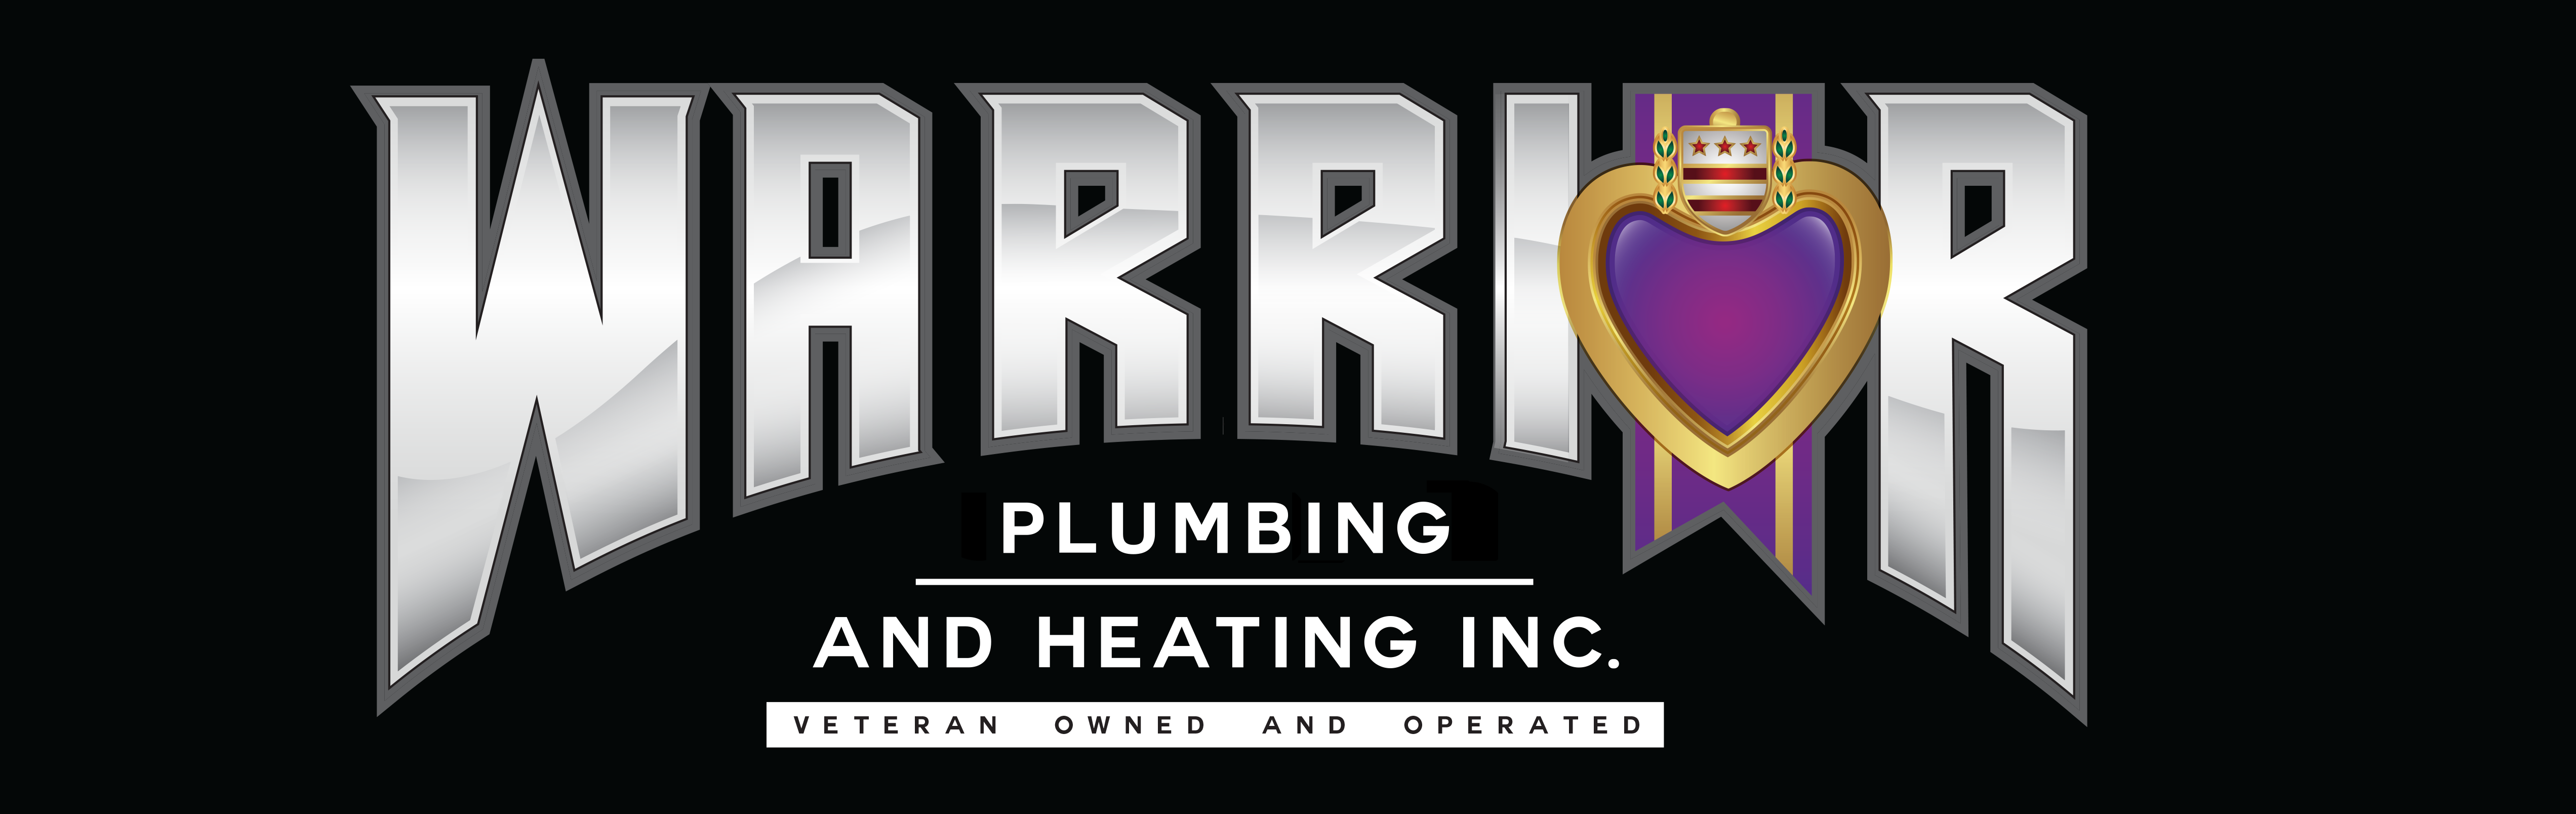 Warrior Plumbing & Heating